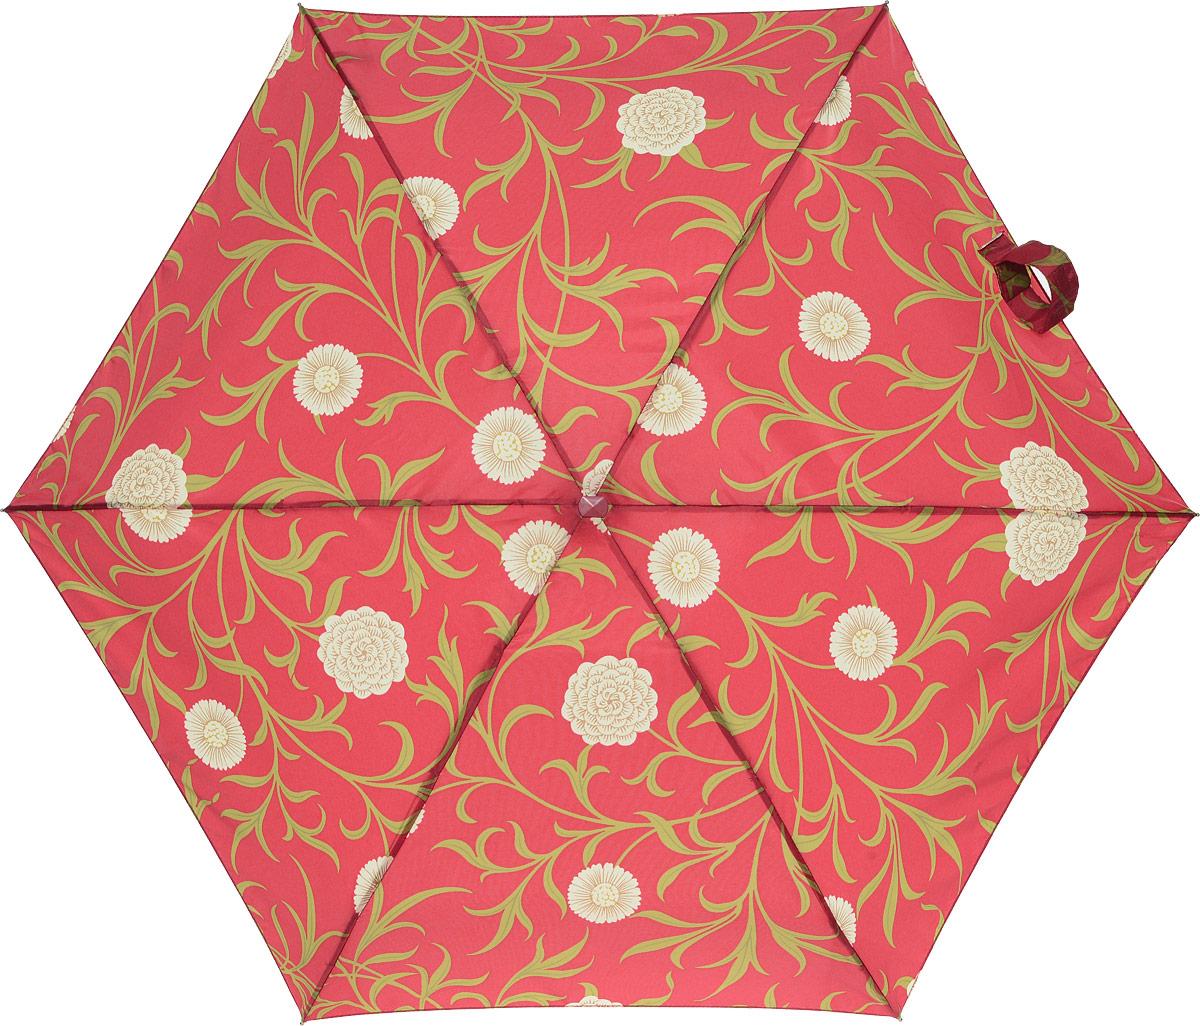 Зонт женский Morris & Co Tiny, механический, 5 сложений, цвет: бордовый, бежевый, зеленый. L713-2594REM12-CAM-GREENBLACKСтильный механический зонт Morris & Co Tiny в 5 сложений даже в ненастную погоду позволит вам оставаться элегантной. Облегченный каркас зонта выполнен из 6 спиц из фибергласса и алюминия, стержень также изготовлен из алюминия, удобная рукоятка - из дерева. Купол зонта выполнен из прочного полиэстера. В закрытом виде застегивается хлястиком на липучке. Яркий оригинальный цветочный рисунок поднимет настроение в дождливый день.Зонт механического сложения: купол открывается и закрывается вручную до характерного щелчка.На рукоятке для удобства есть небольшой шнурок, позволяющий надеть зонт на руку тогда, когда это будет необходимо. К зонту прилагается чехол, который оформлен нашивкой с названием бренда. Такой зонт компактно располагается в кармане, сумочке, дверке автомобиля.